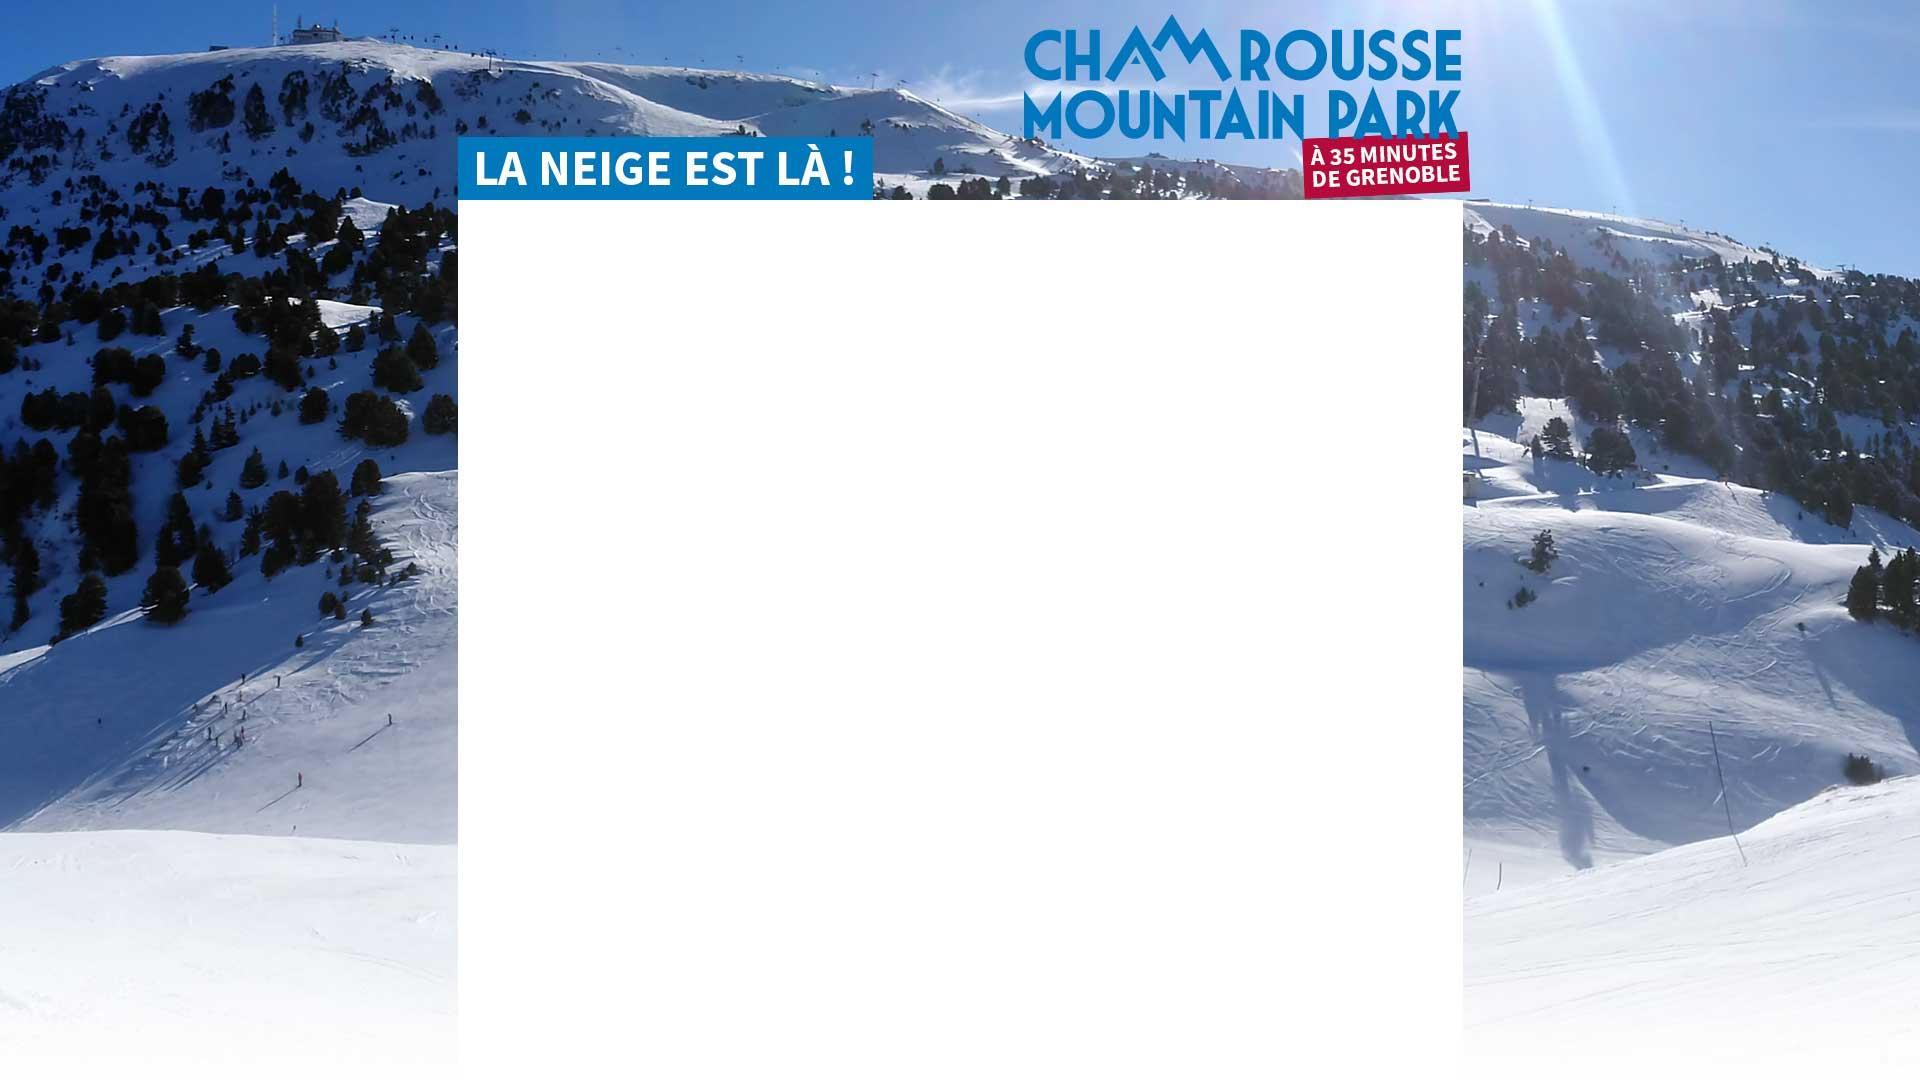 Chamrousse Mountain Park à 35 minutes de Grenoble. La neige est là !